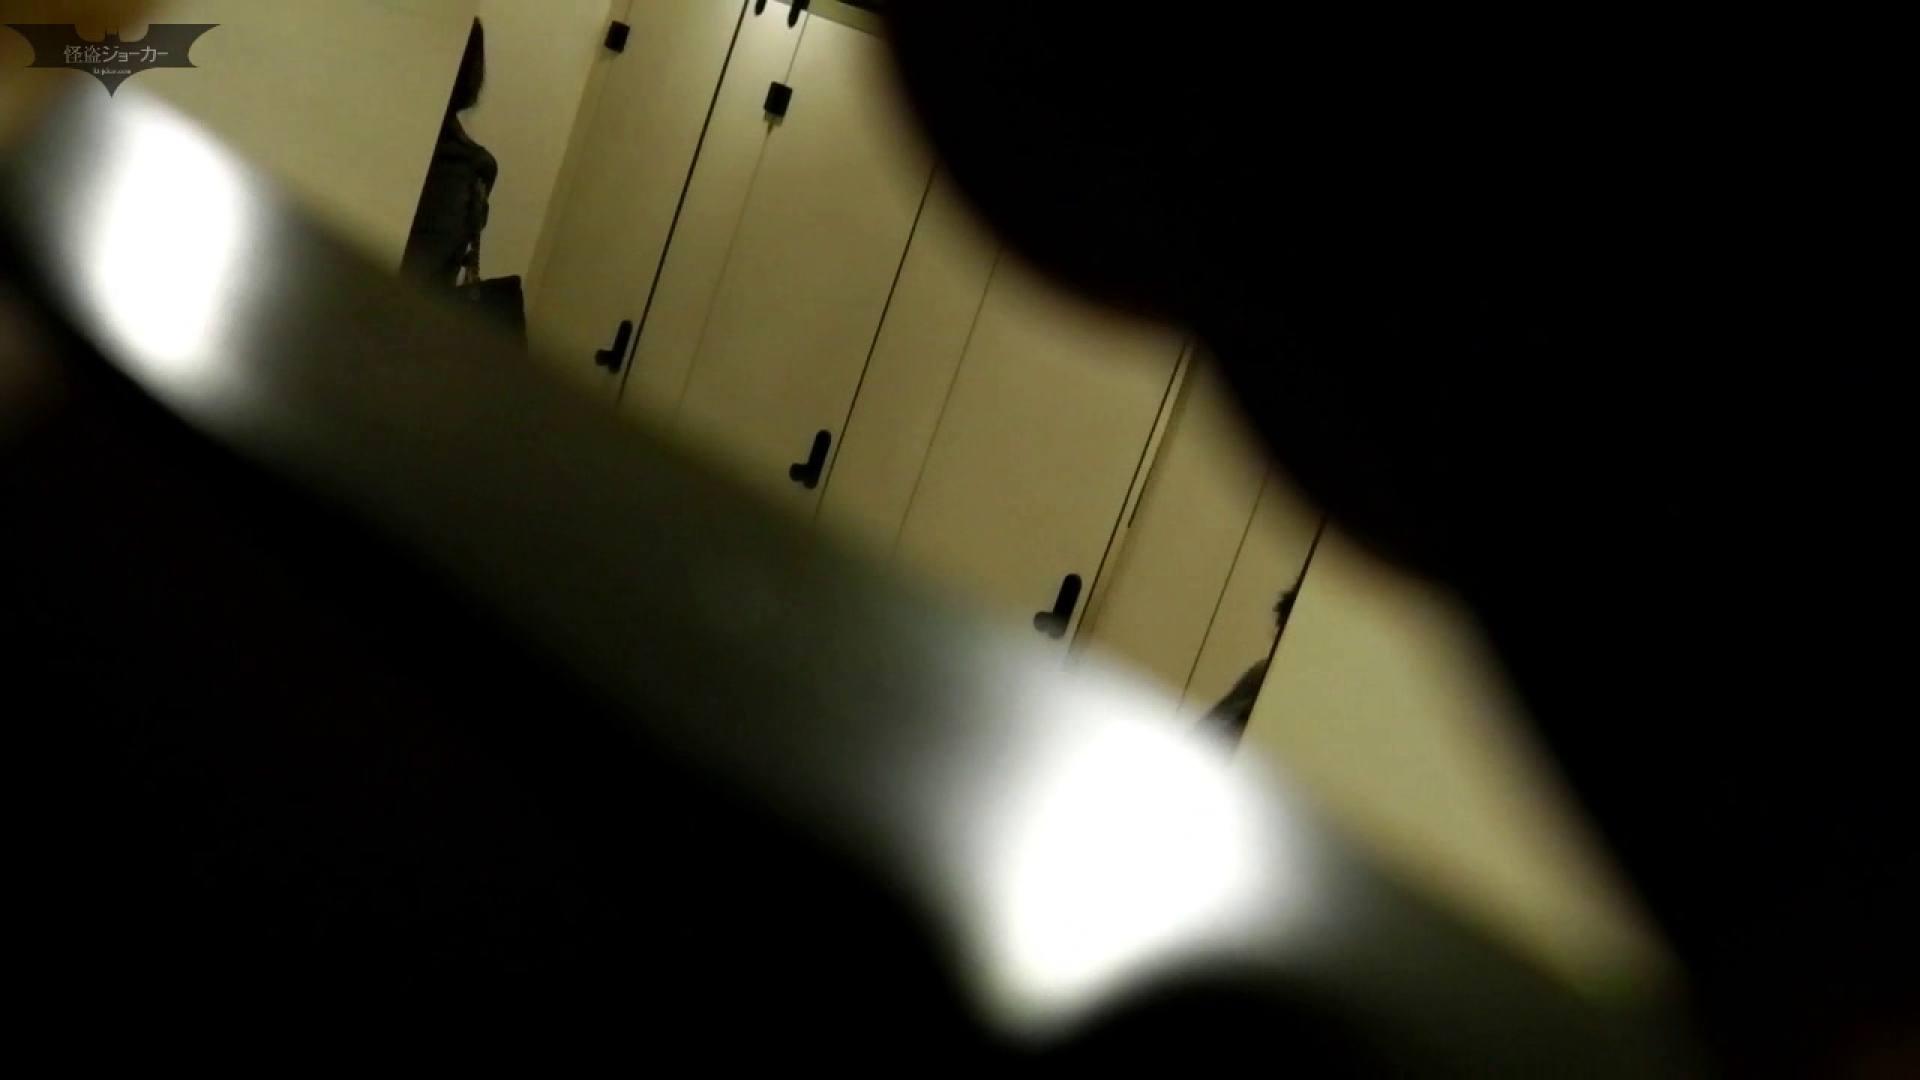 新世界の射窓 No61来ました!「ビジョビジョ」の美女達が・・・ 胸チラ・のぞき おまんこ無修正動画無料 104枚 31